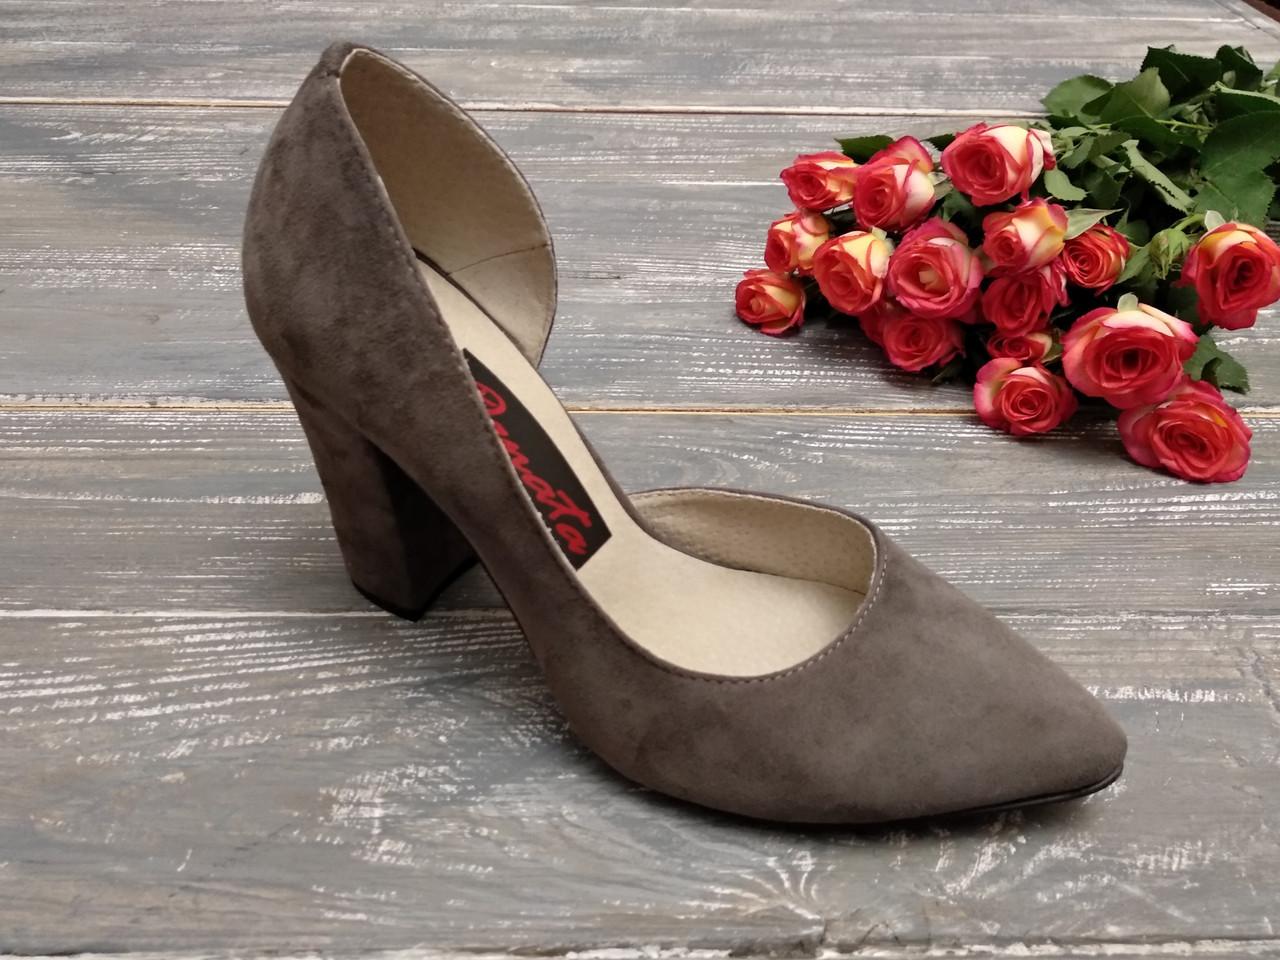 Жіночі туфлі обирай зараз, оплачуй потім!